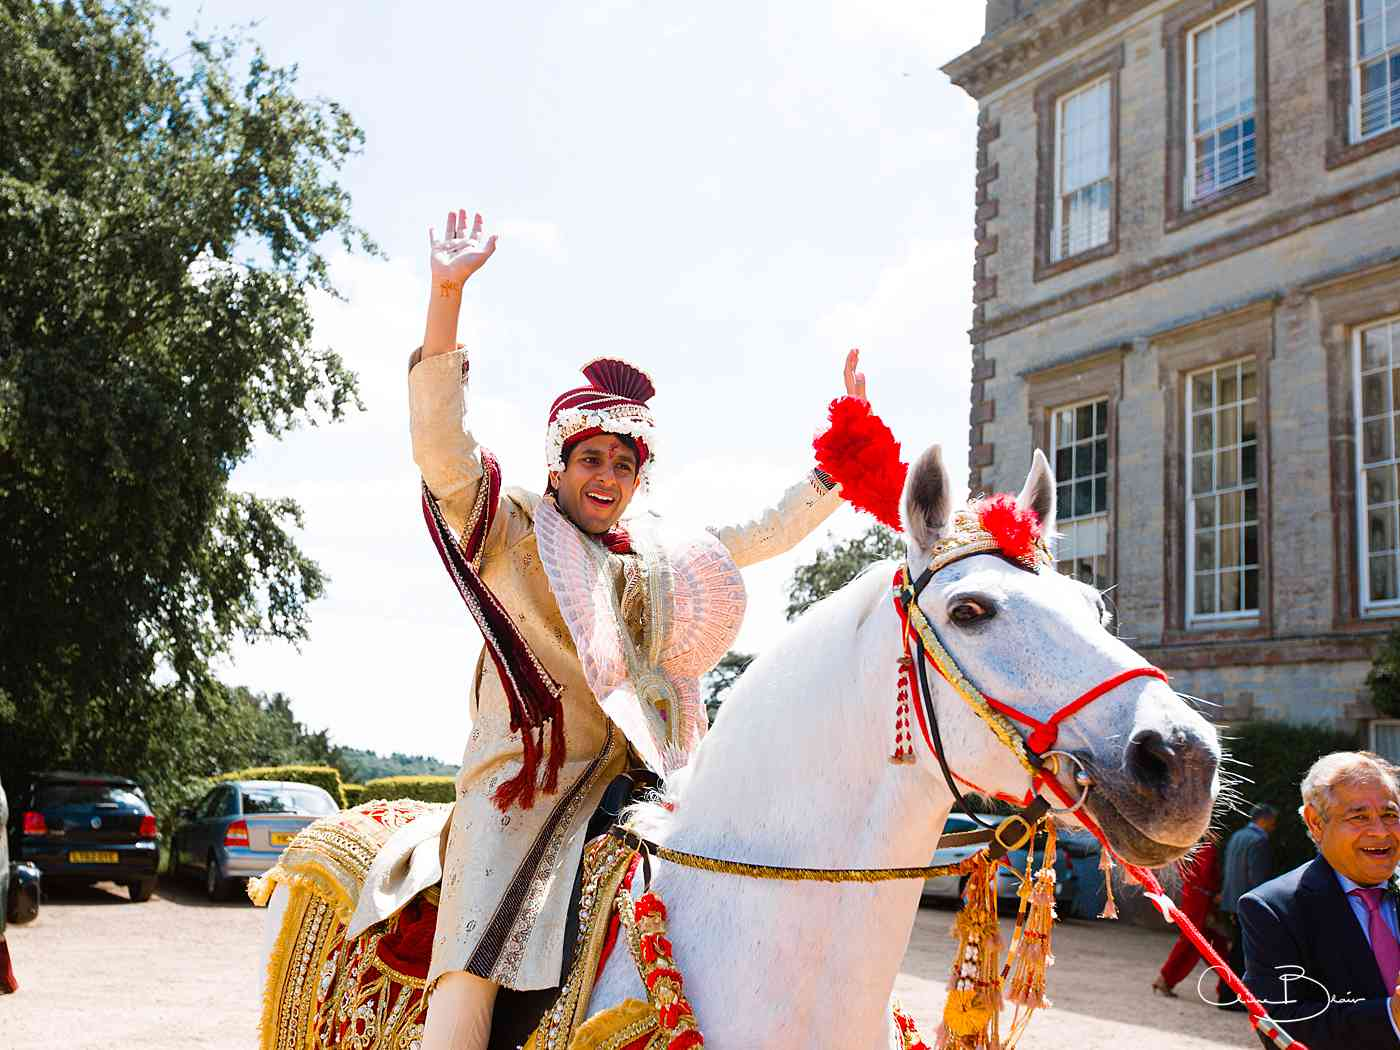 Indian groom on horseback arring for his Hindu wedding at Ragley Hall